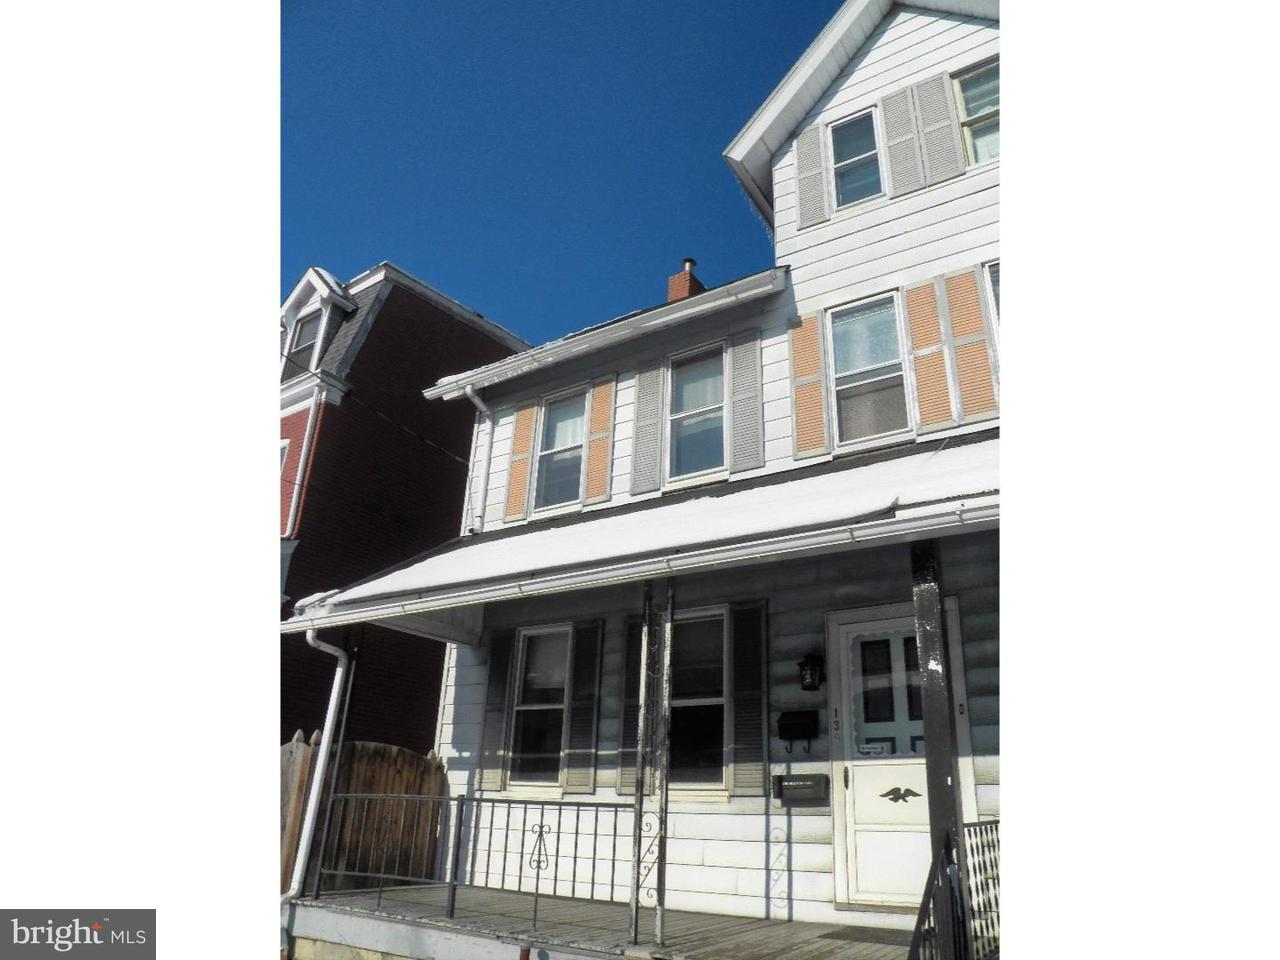 Casa unifamiliar adosada (Townhouse) por un Venta en 139 W SUSQUEHANNA Street Allentown, Pennsylvania 18103 Estados Unidos